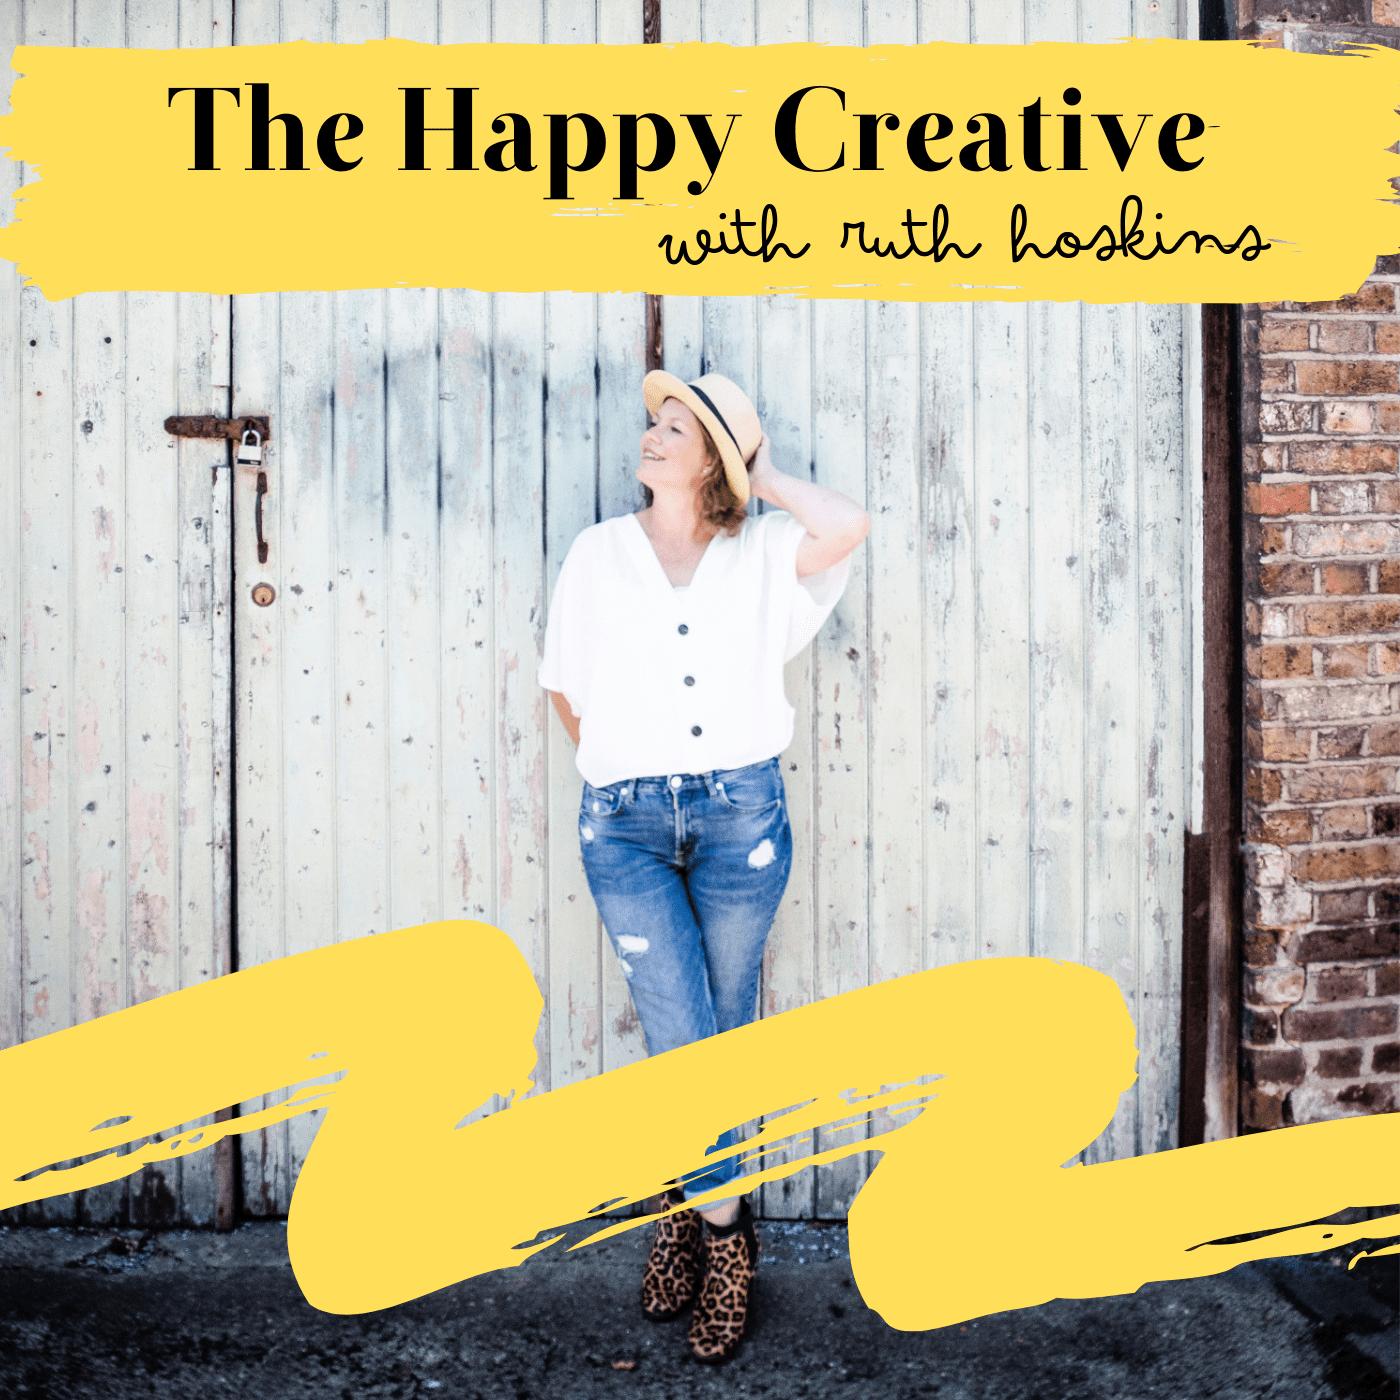 The Happy Creative